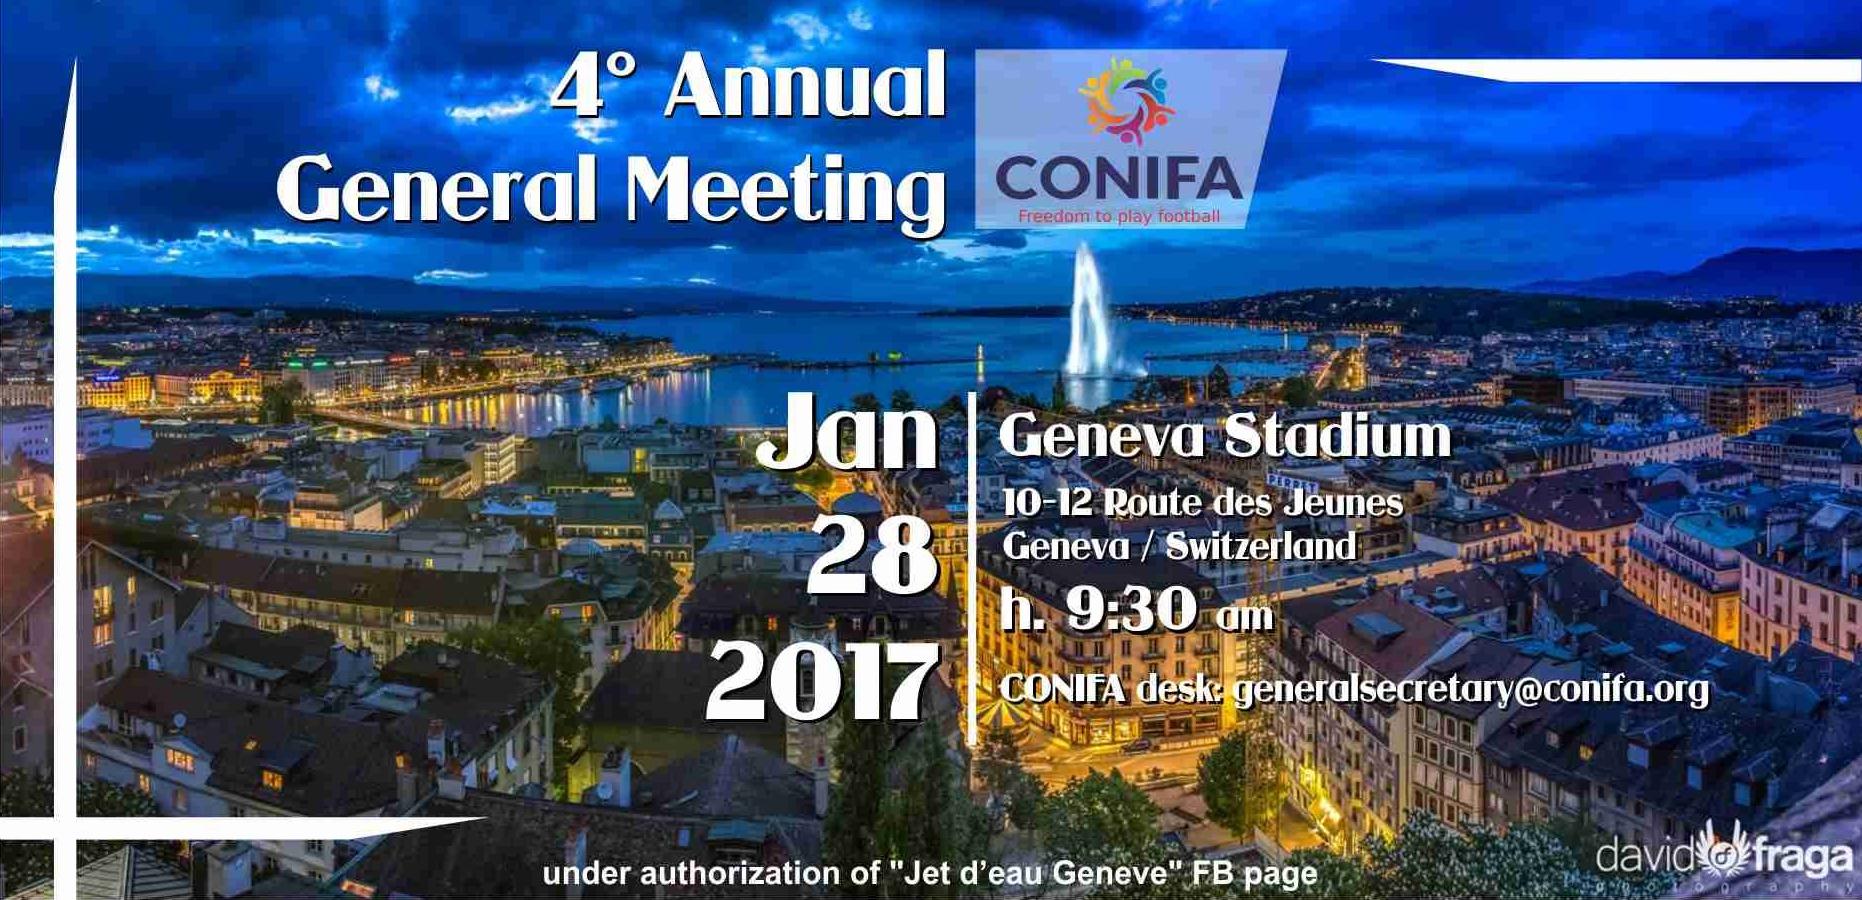 CONIFA AGM 2017